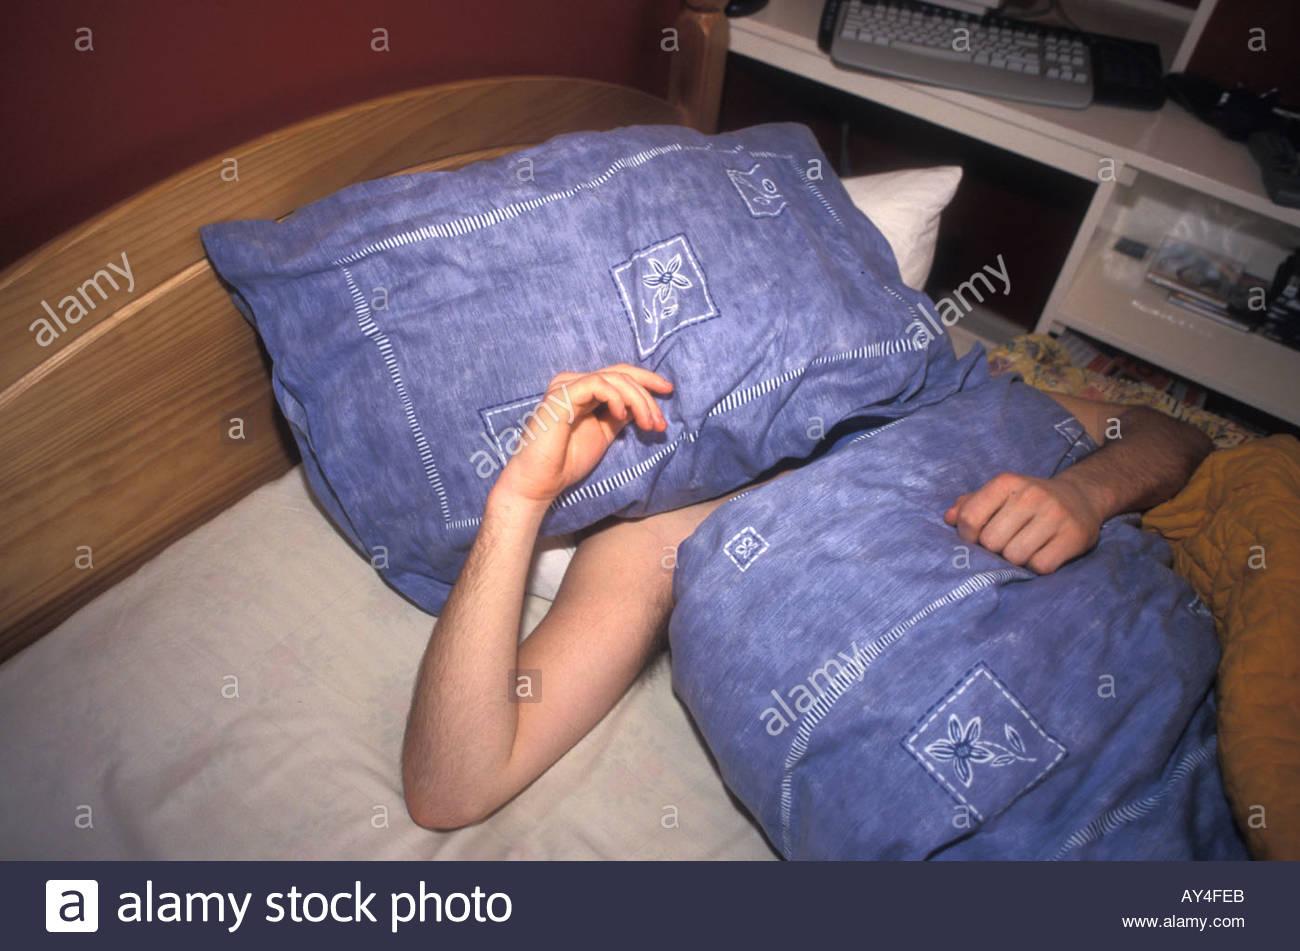 16 anno vecchio ragazzo adolescente addormentato nel letto la mattina non vuole alzarsi REGNO UNITO Immagini Stock